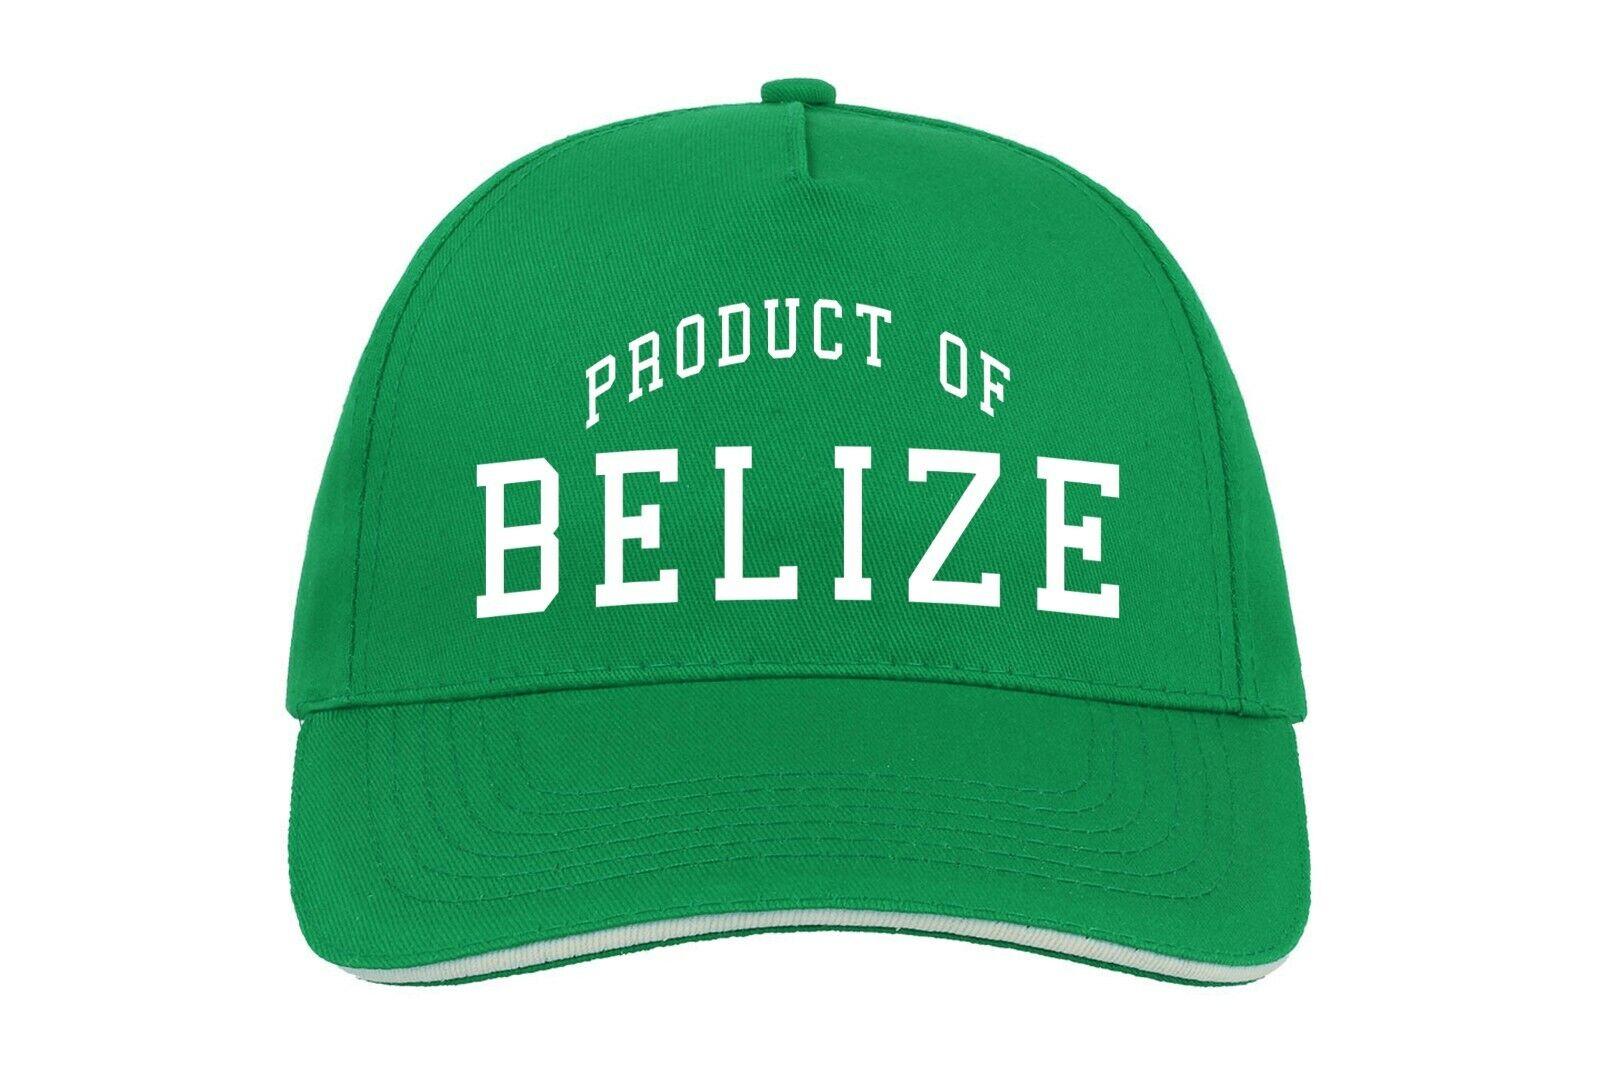 Belize Produkt Von Baseballmütze Cap Geburtstagsgeschenk Jedem Ort Country